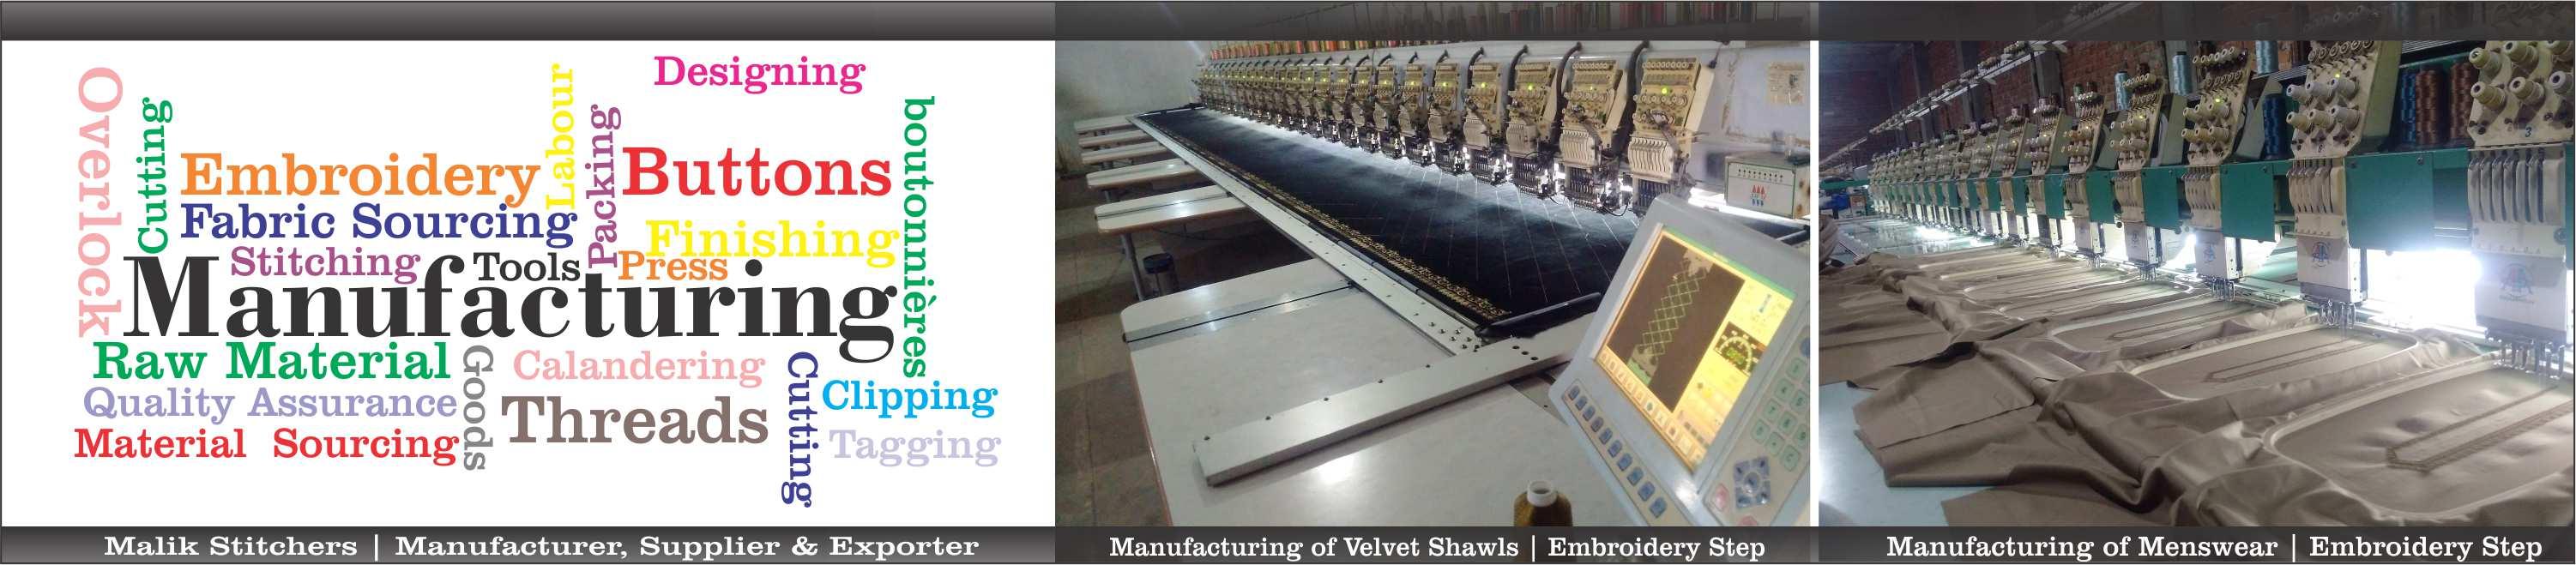 banner malik stitchers manufacturer supplier exporter of velvt shawls ladies wear in pakistan